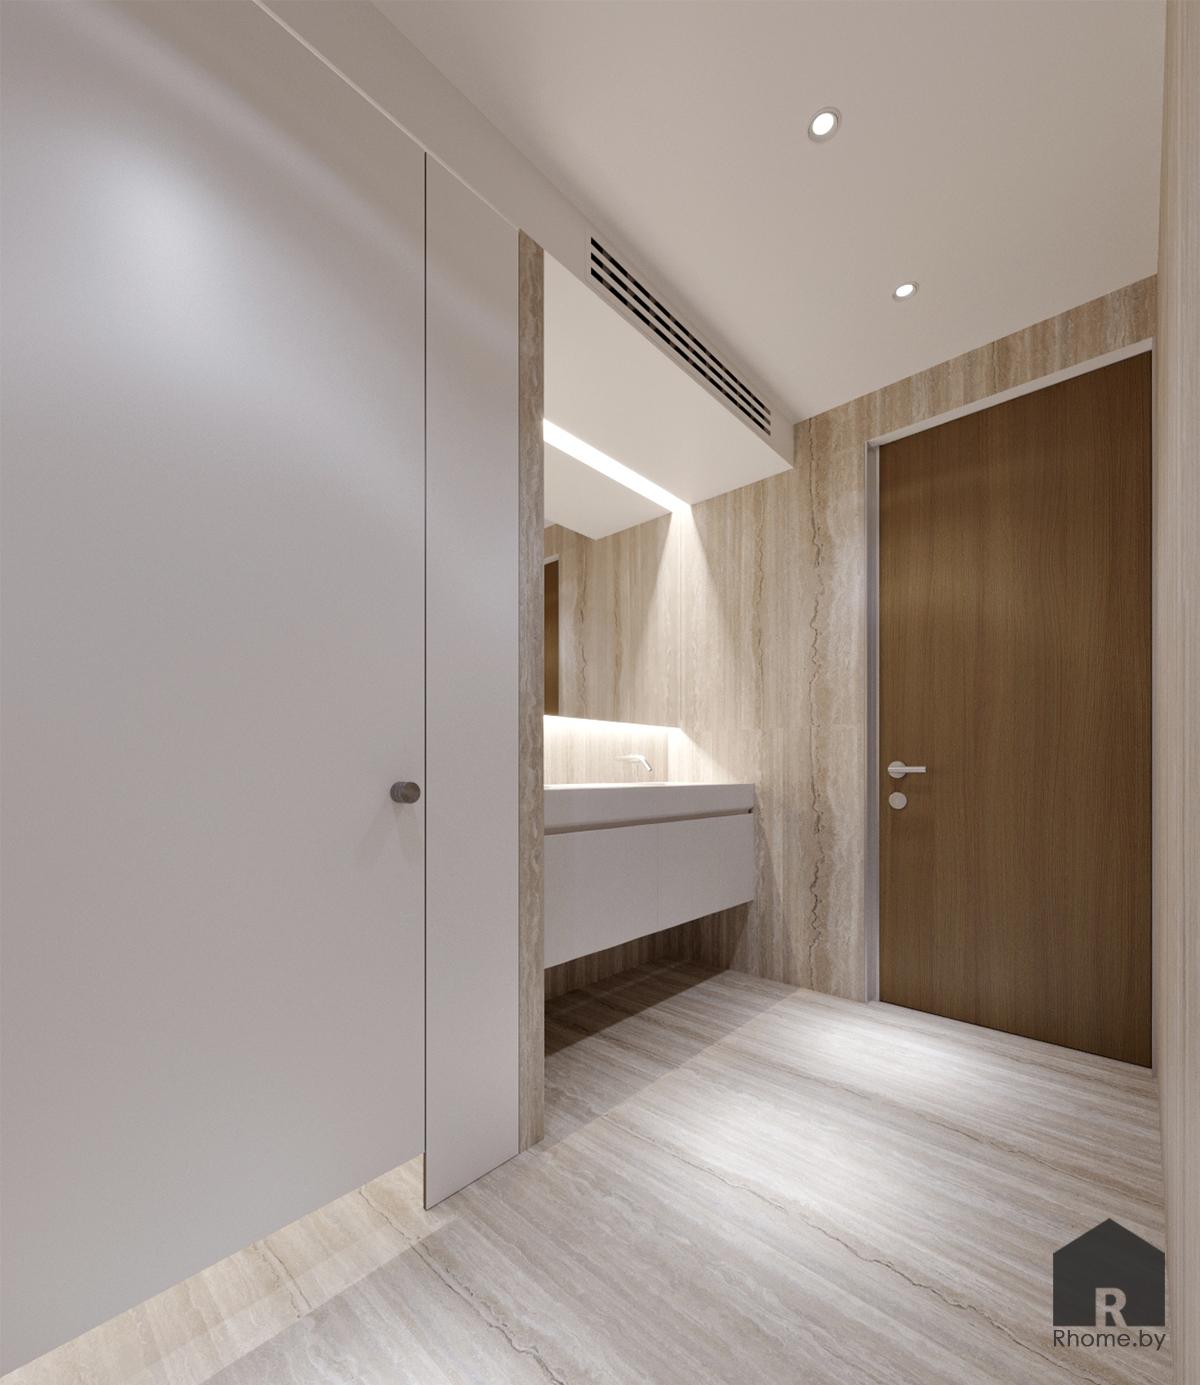 Дизайн офисного санузла | Дизайн студия – Rhome.by